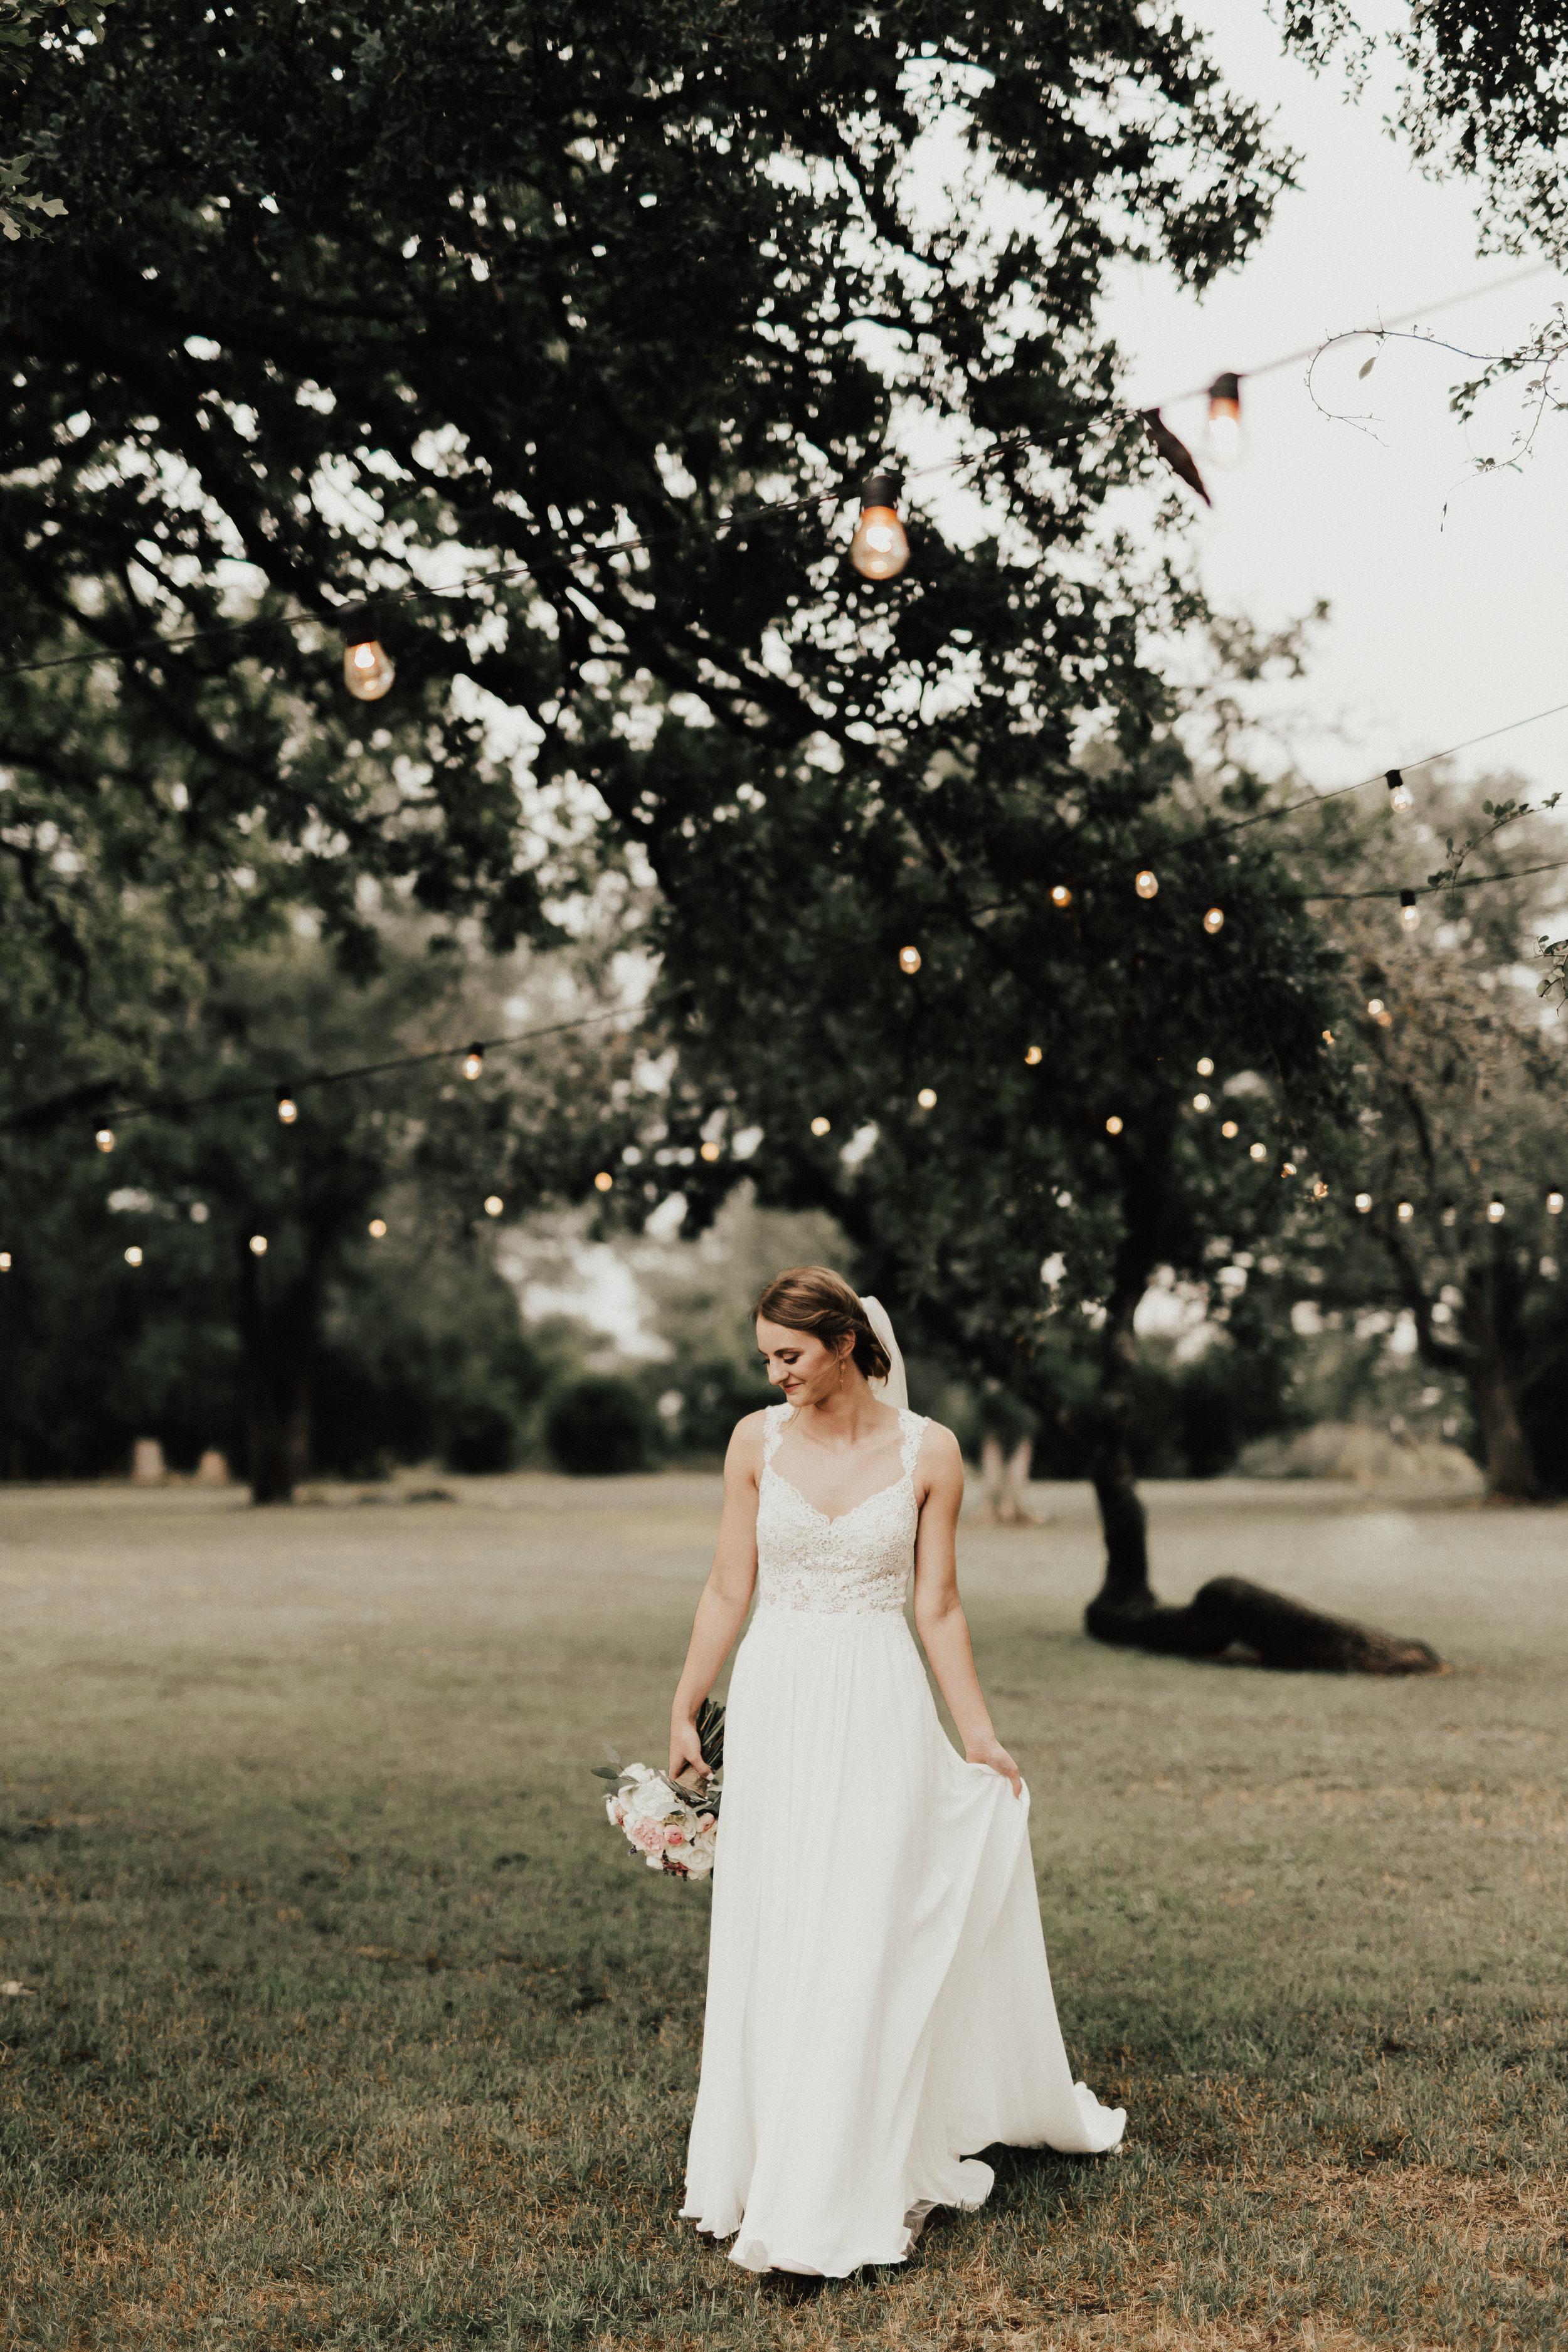 HAILEY-TIM-wedding-photographer-kindred-oaks-texas-319.jpg